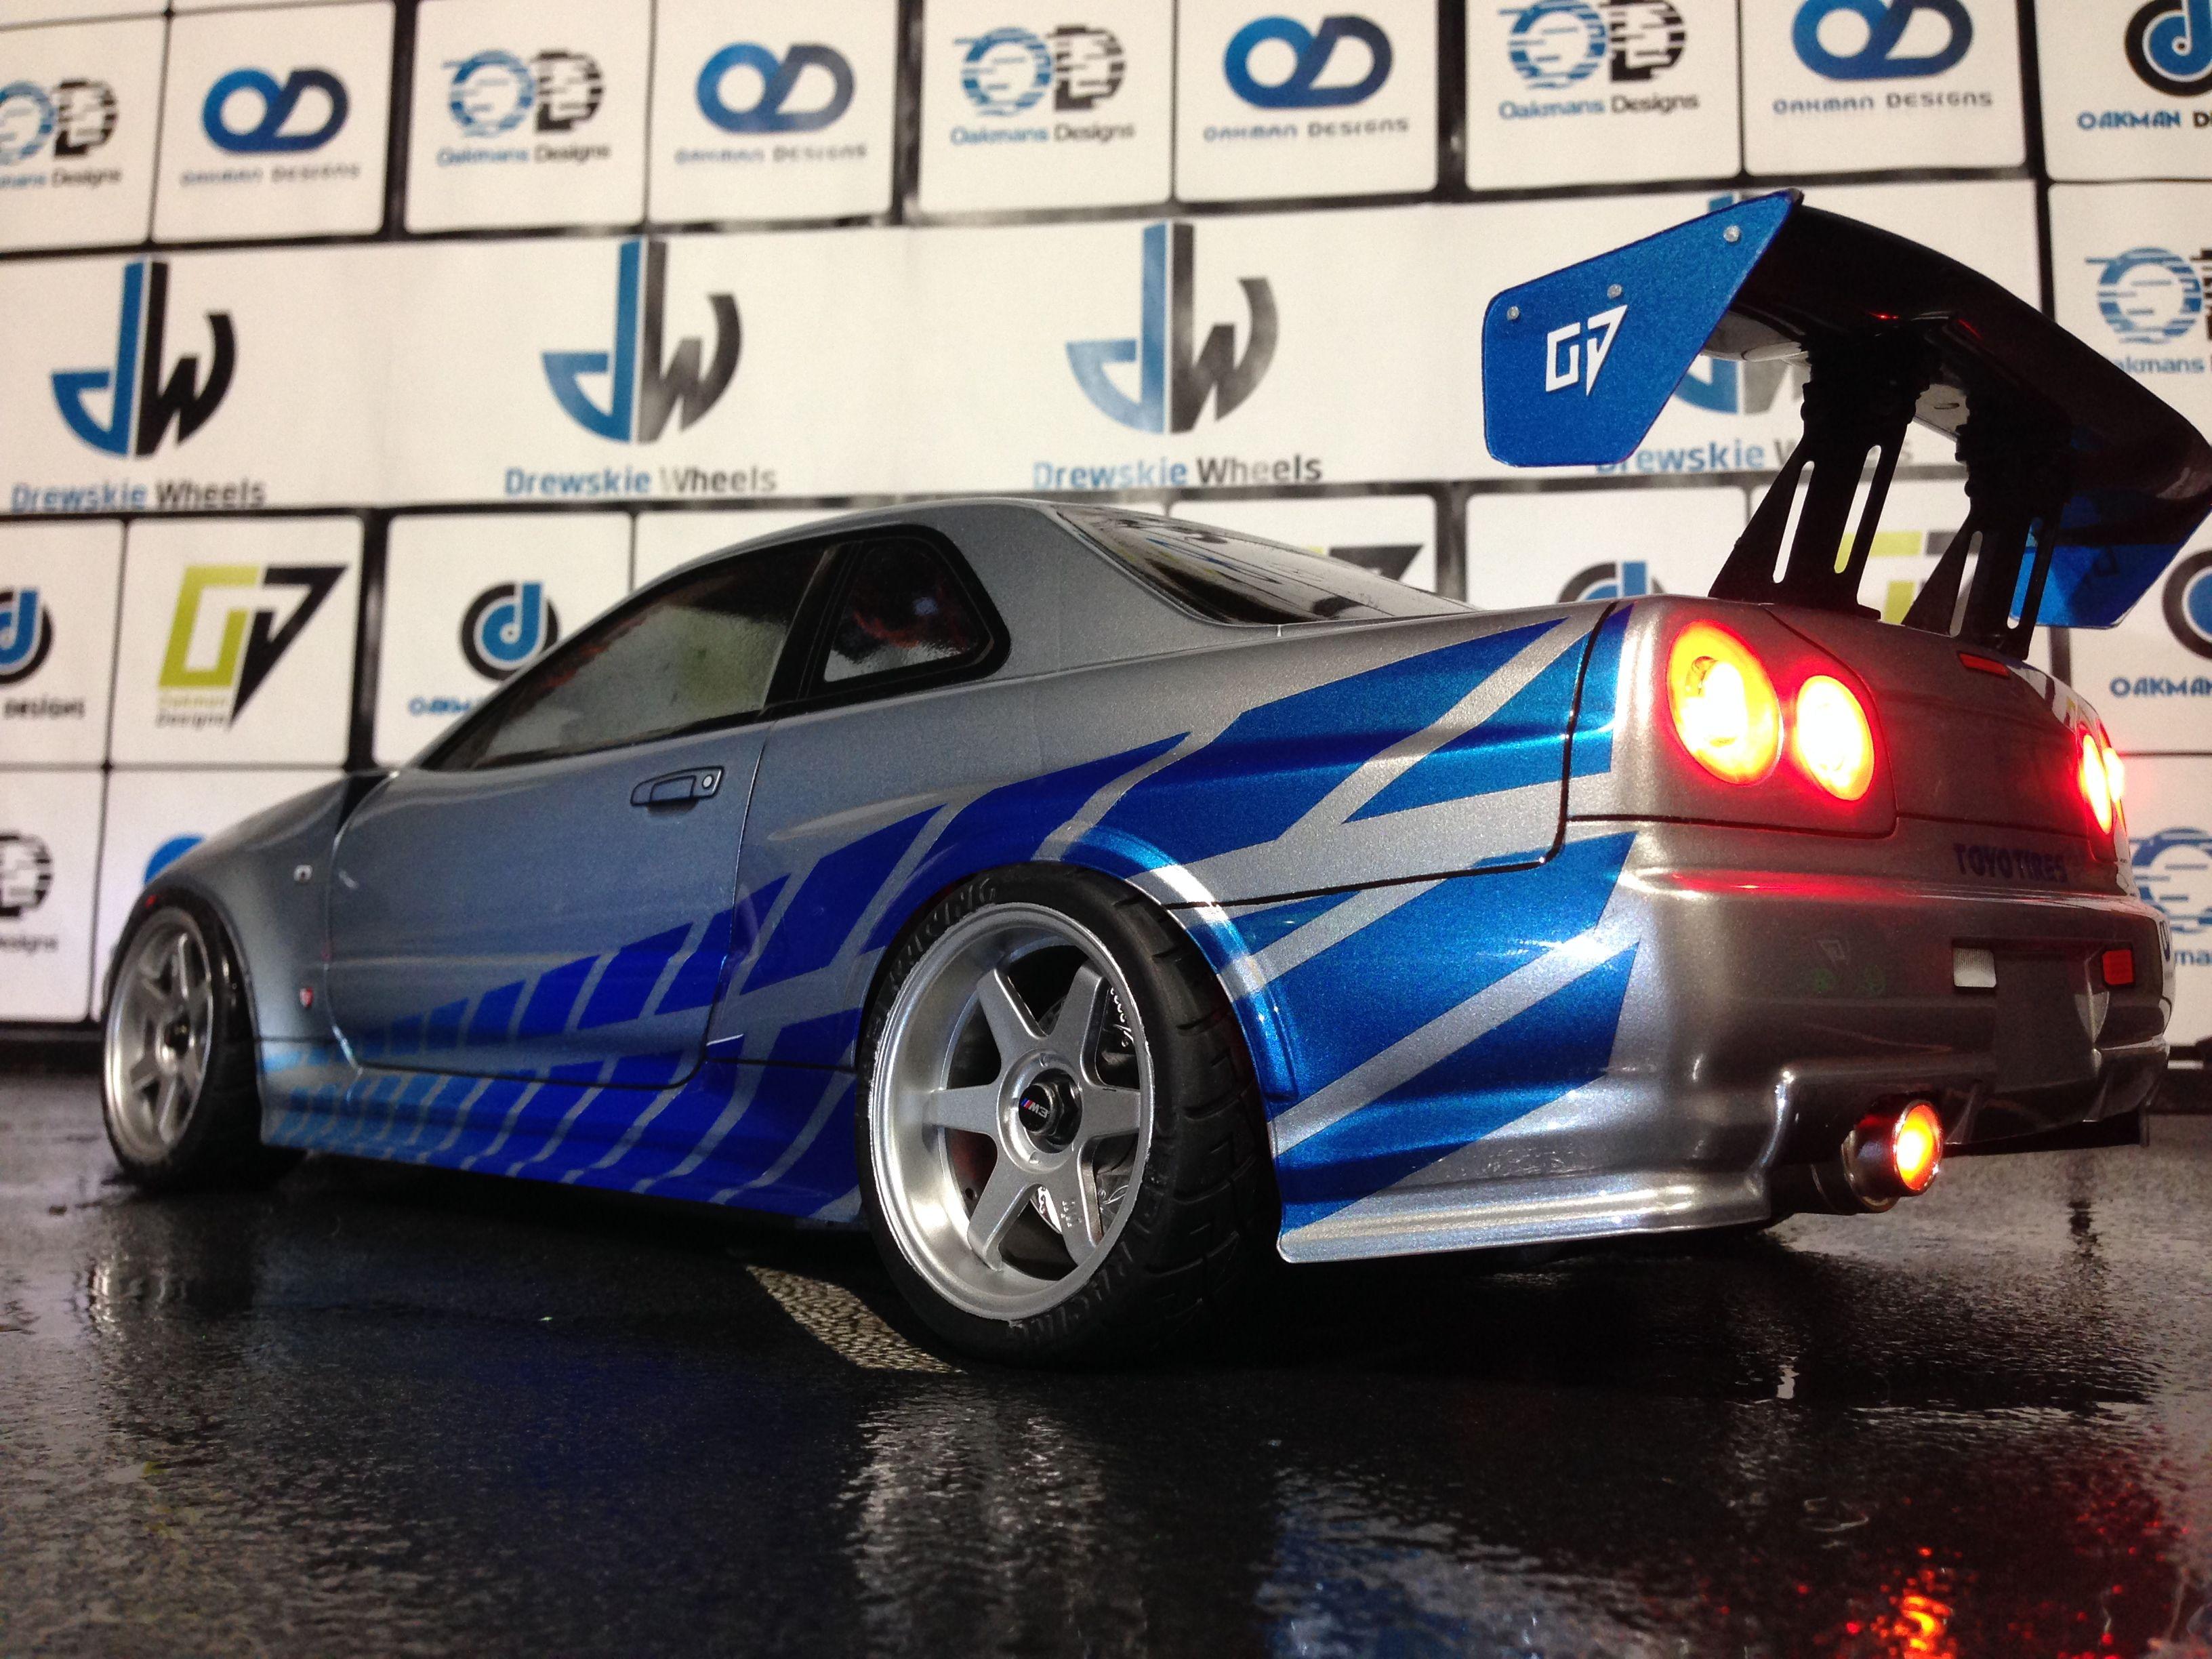 Oakman designs custom rtr sprint 2 drift nissan datsun 280zx 480 plus 19 shipping in